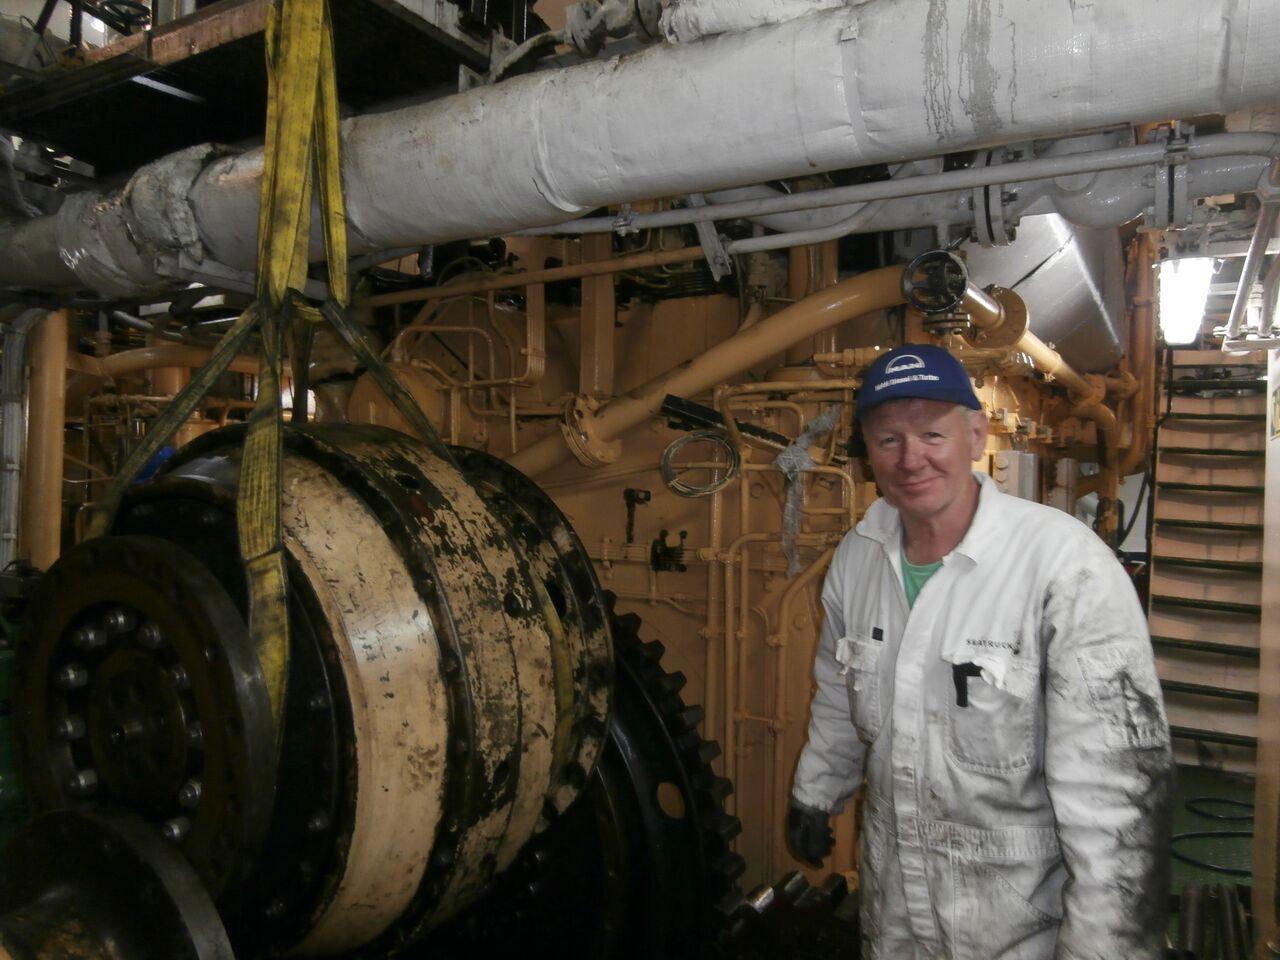 Mark Cameron, Chief Engineer, Saga Pearl II